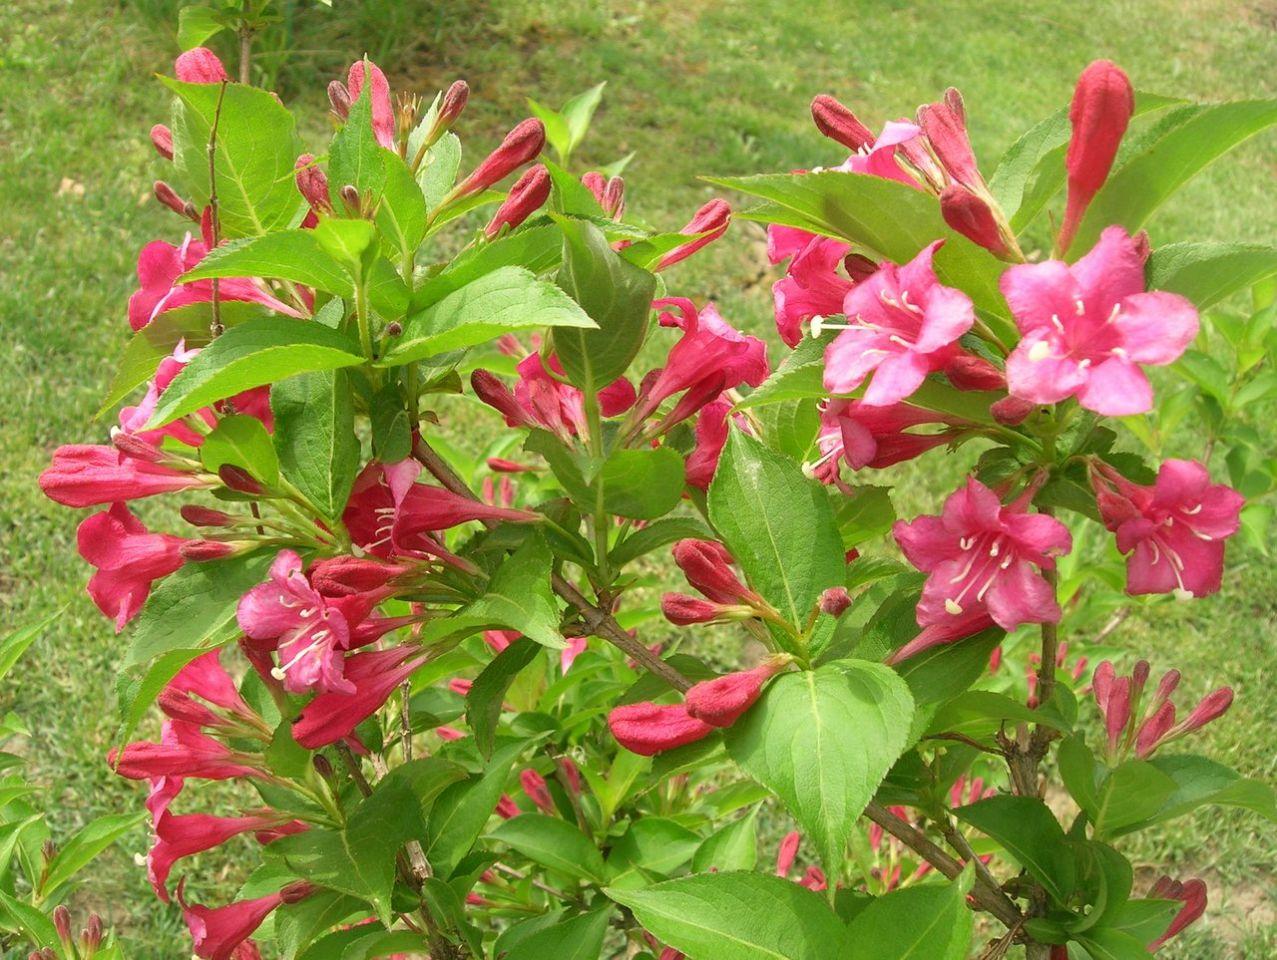 Почему вейгела не цветет: основные причины и как исправить ситуацию